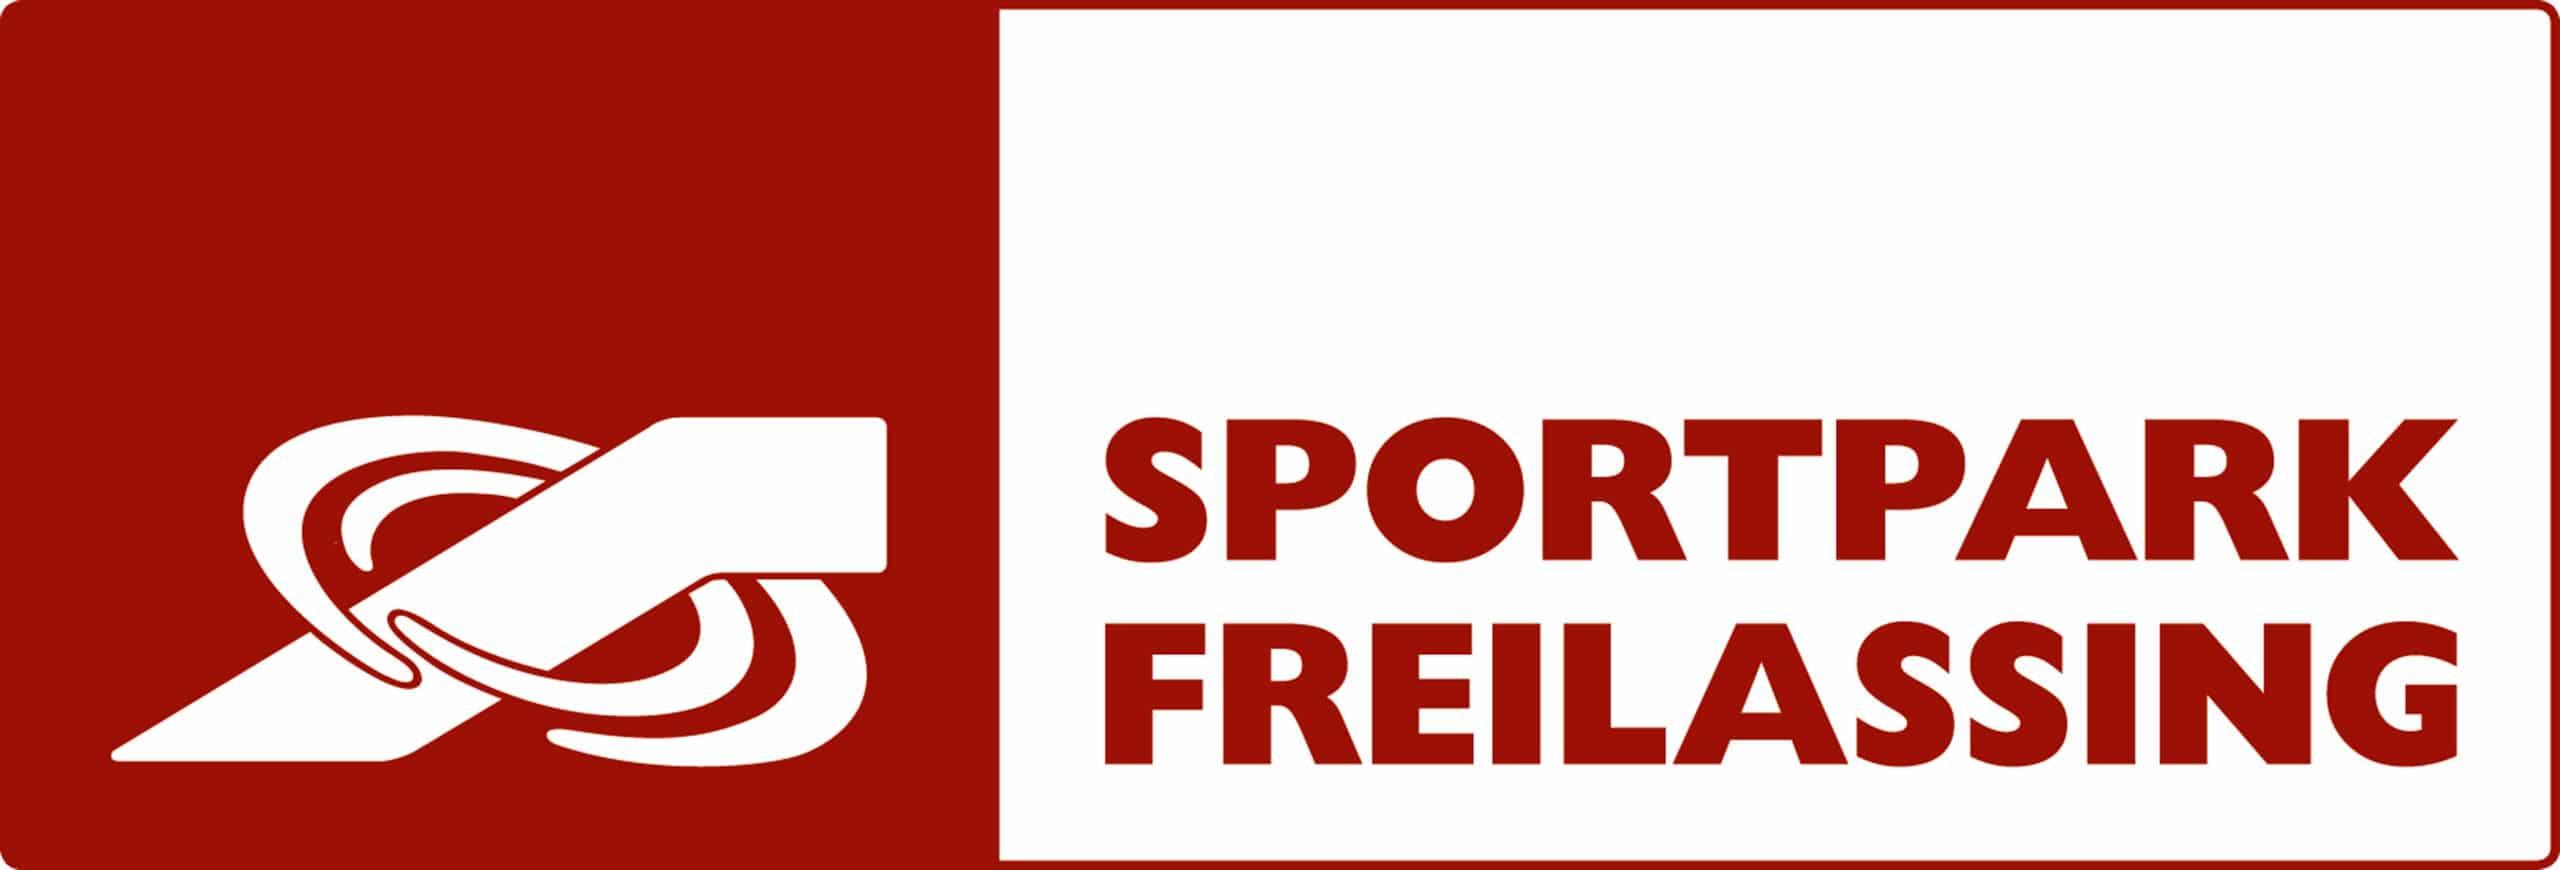 Freizeitlogo-Sportpark-Dunkelrot-Klammer